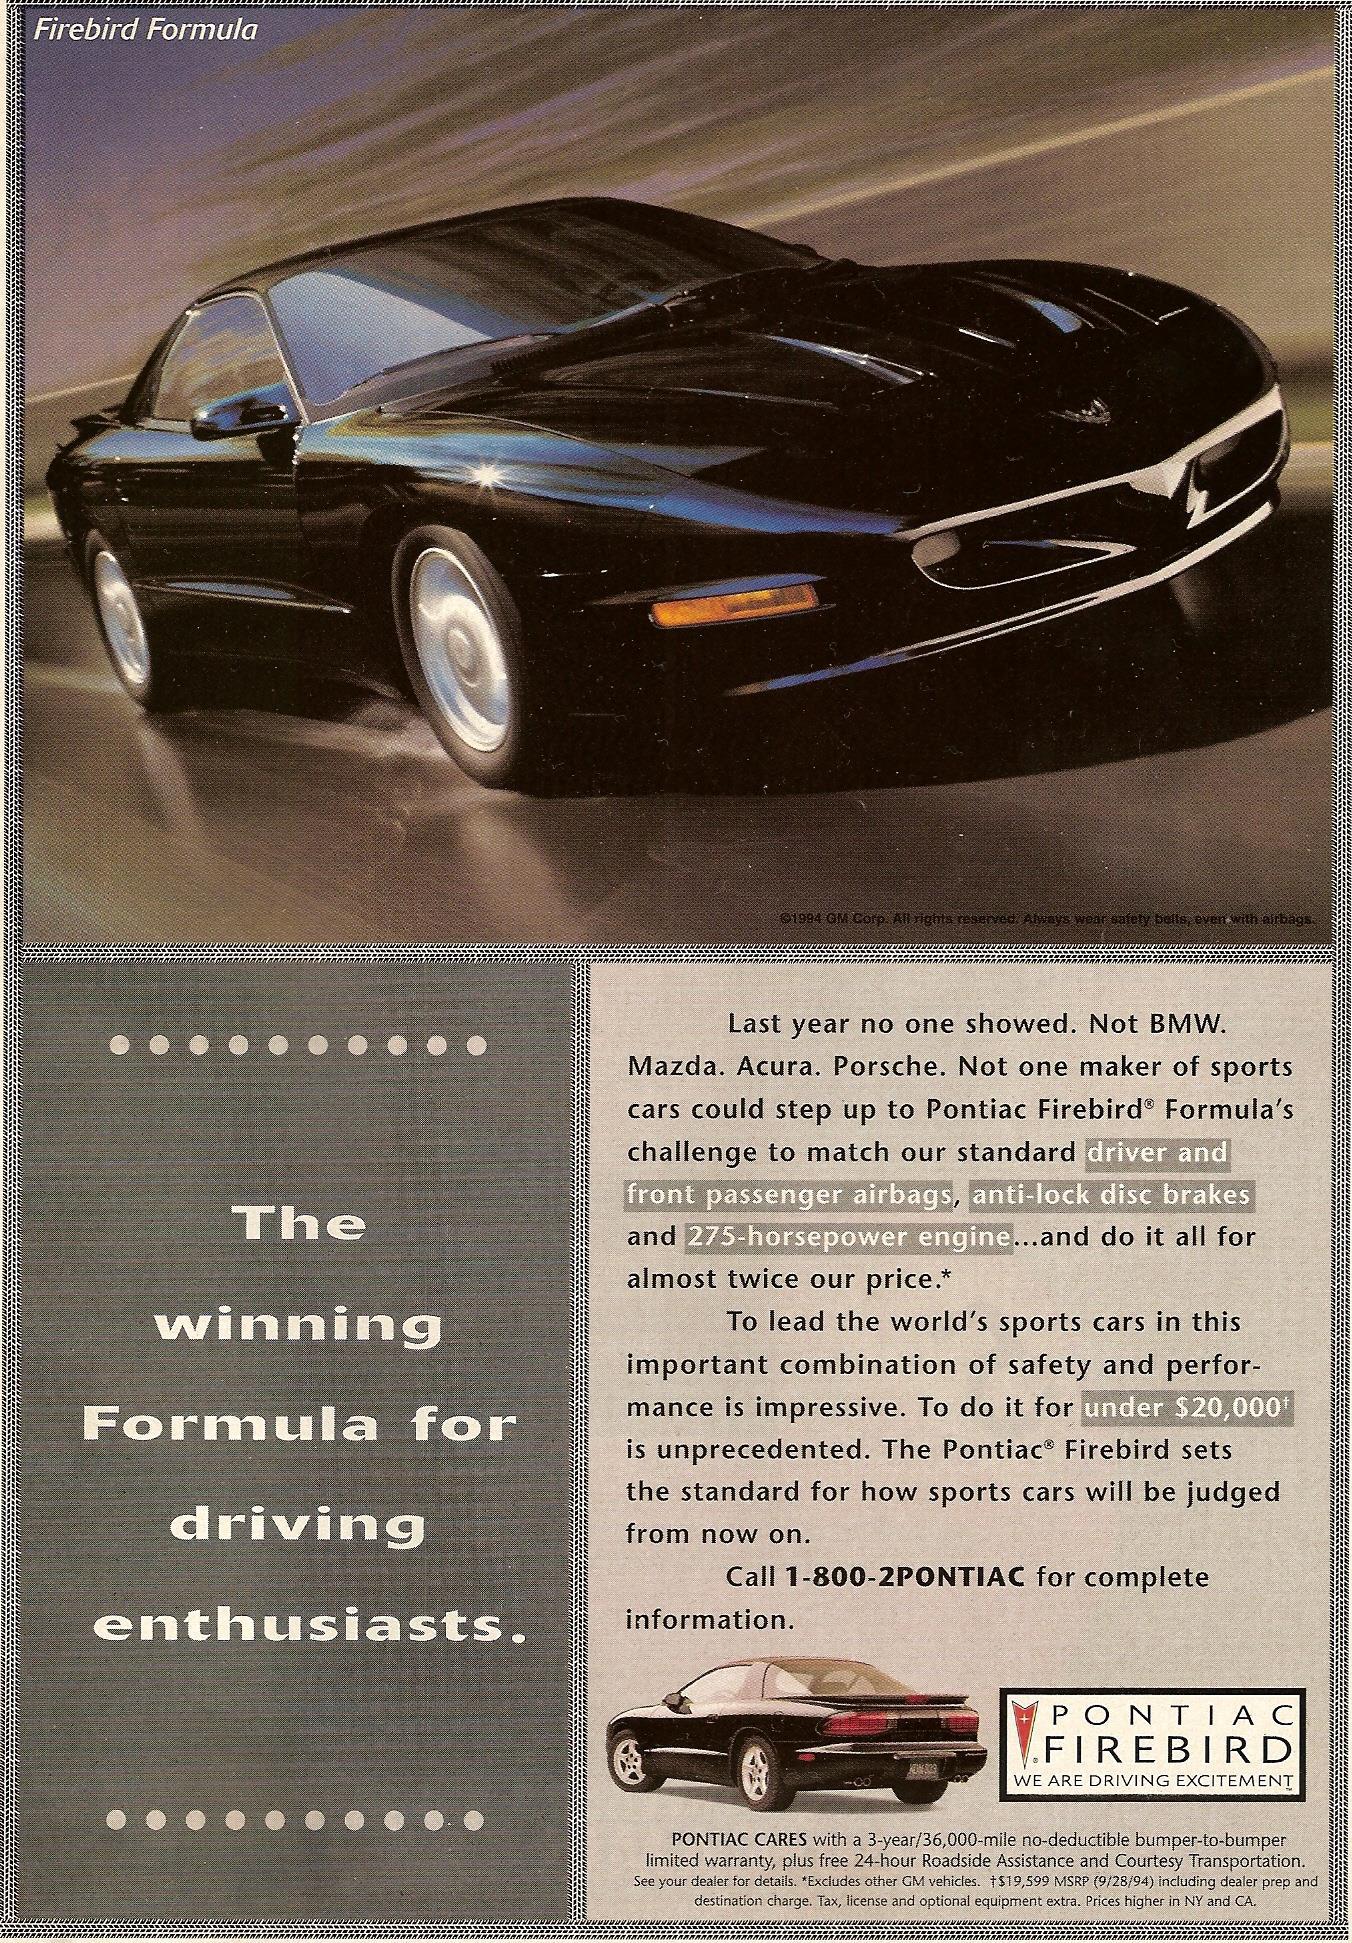 Gm Efi Magazine 2000 Pontiac Firebird Engine Diagram Gmefi4thgenta 9